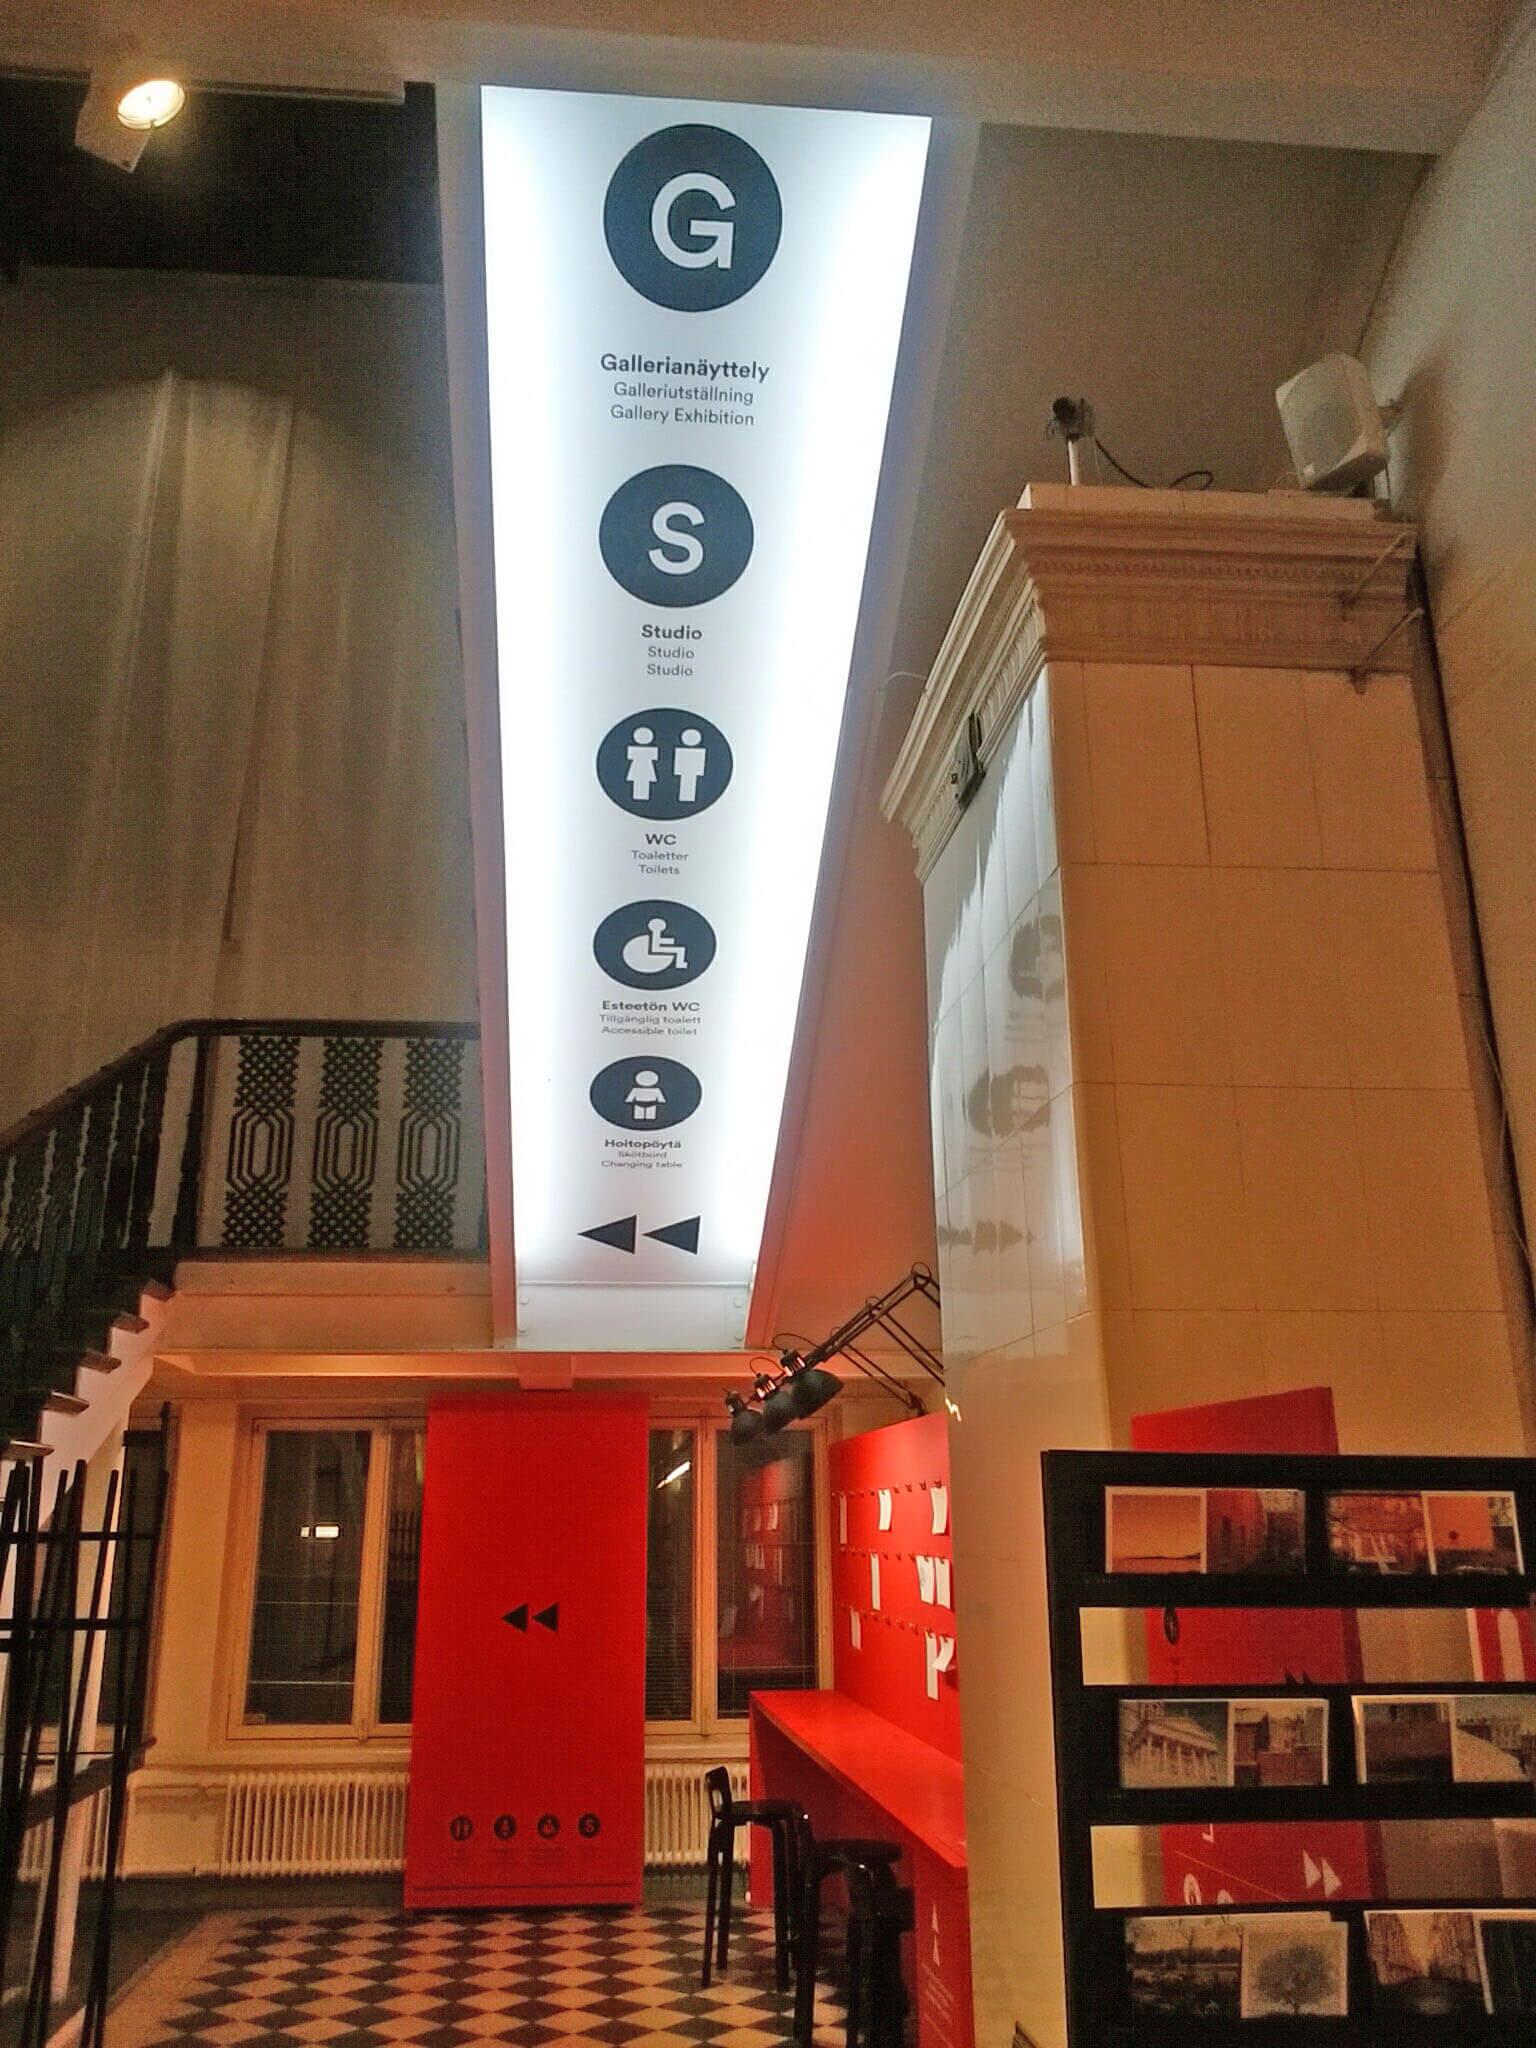 デザイン博物館の天井に掲げられている案内板